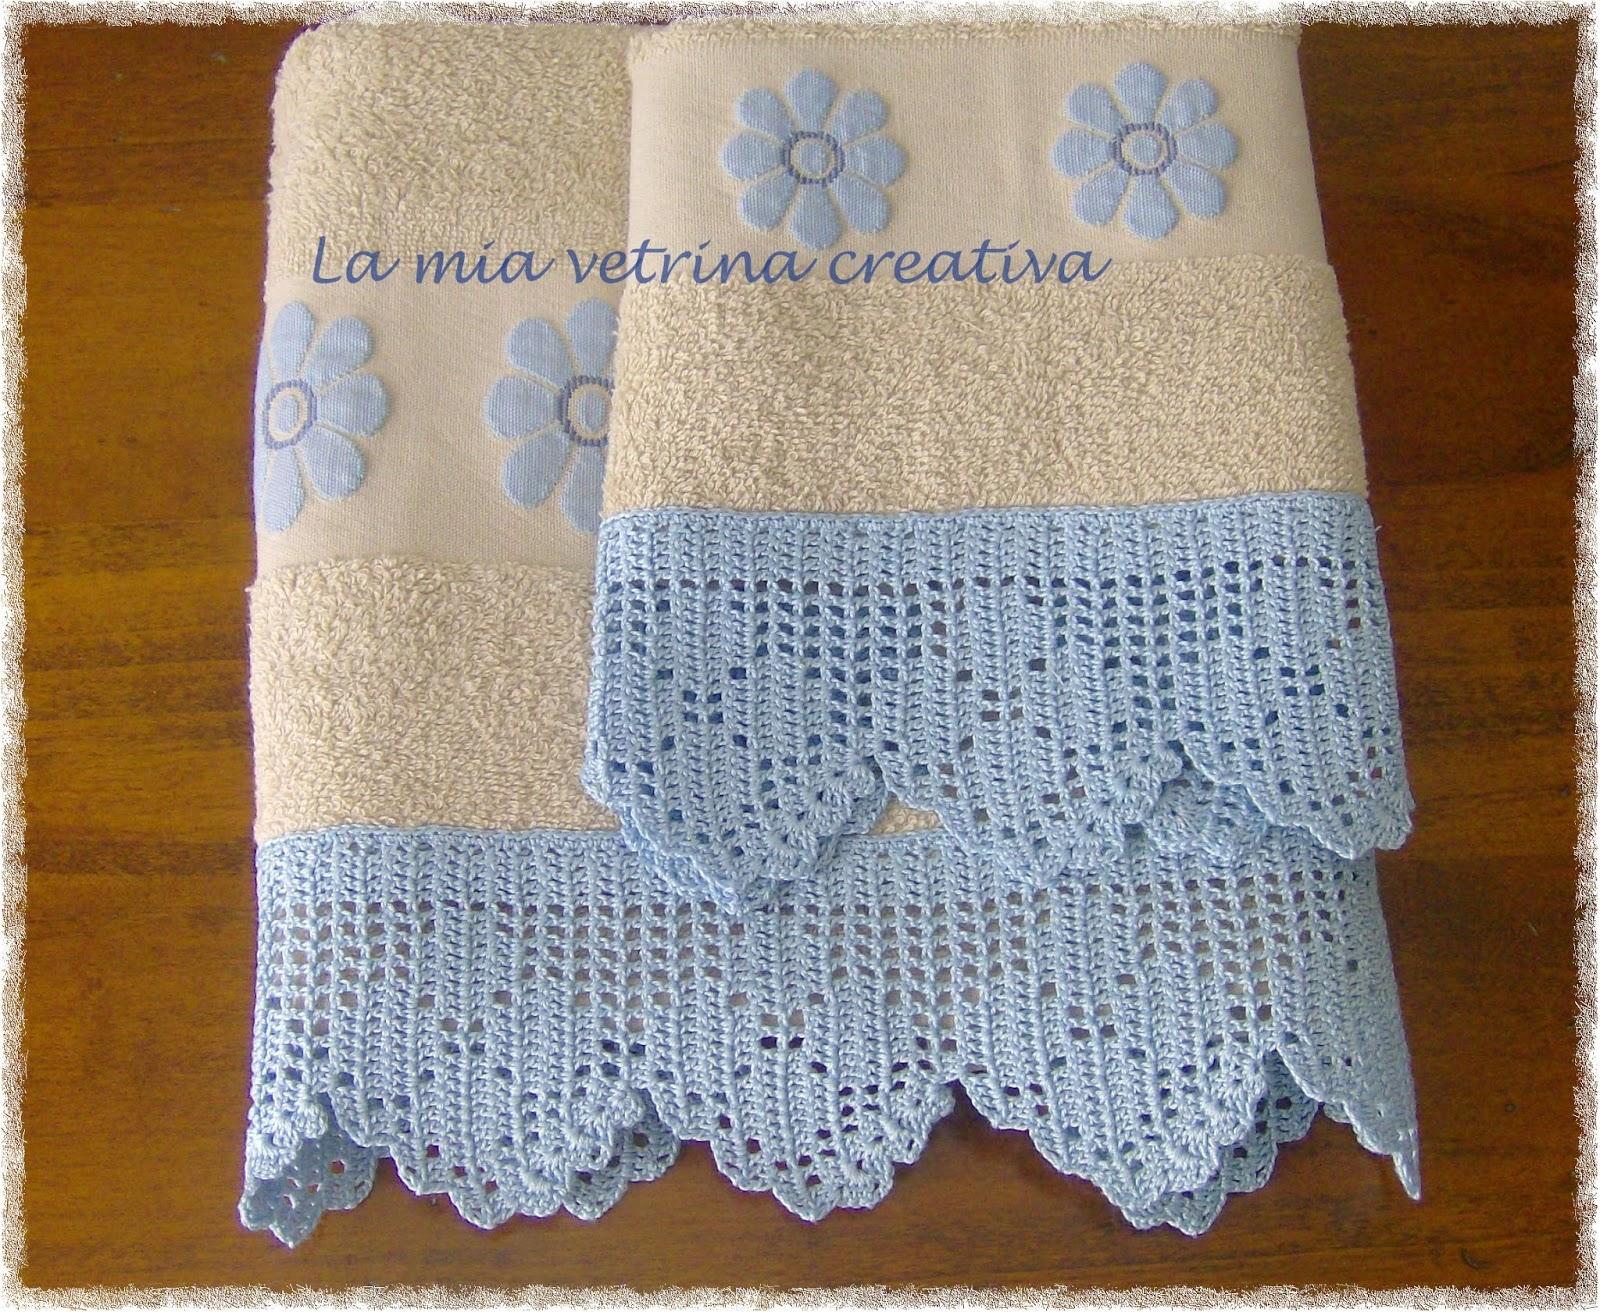 La mia vetrina creativa asciugamani con bordure a filet for Bordi uncinetto per asciugamani